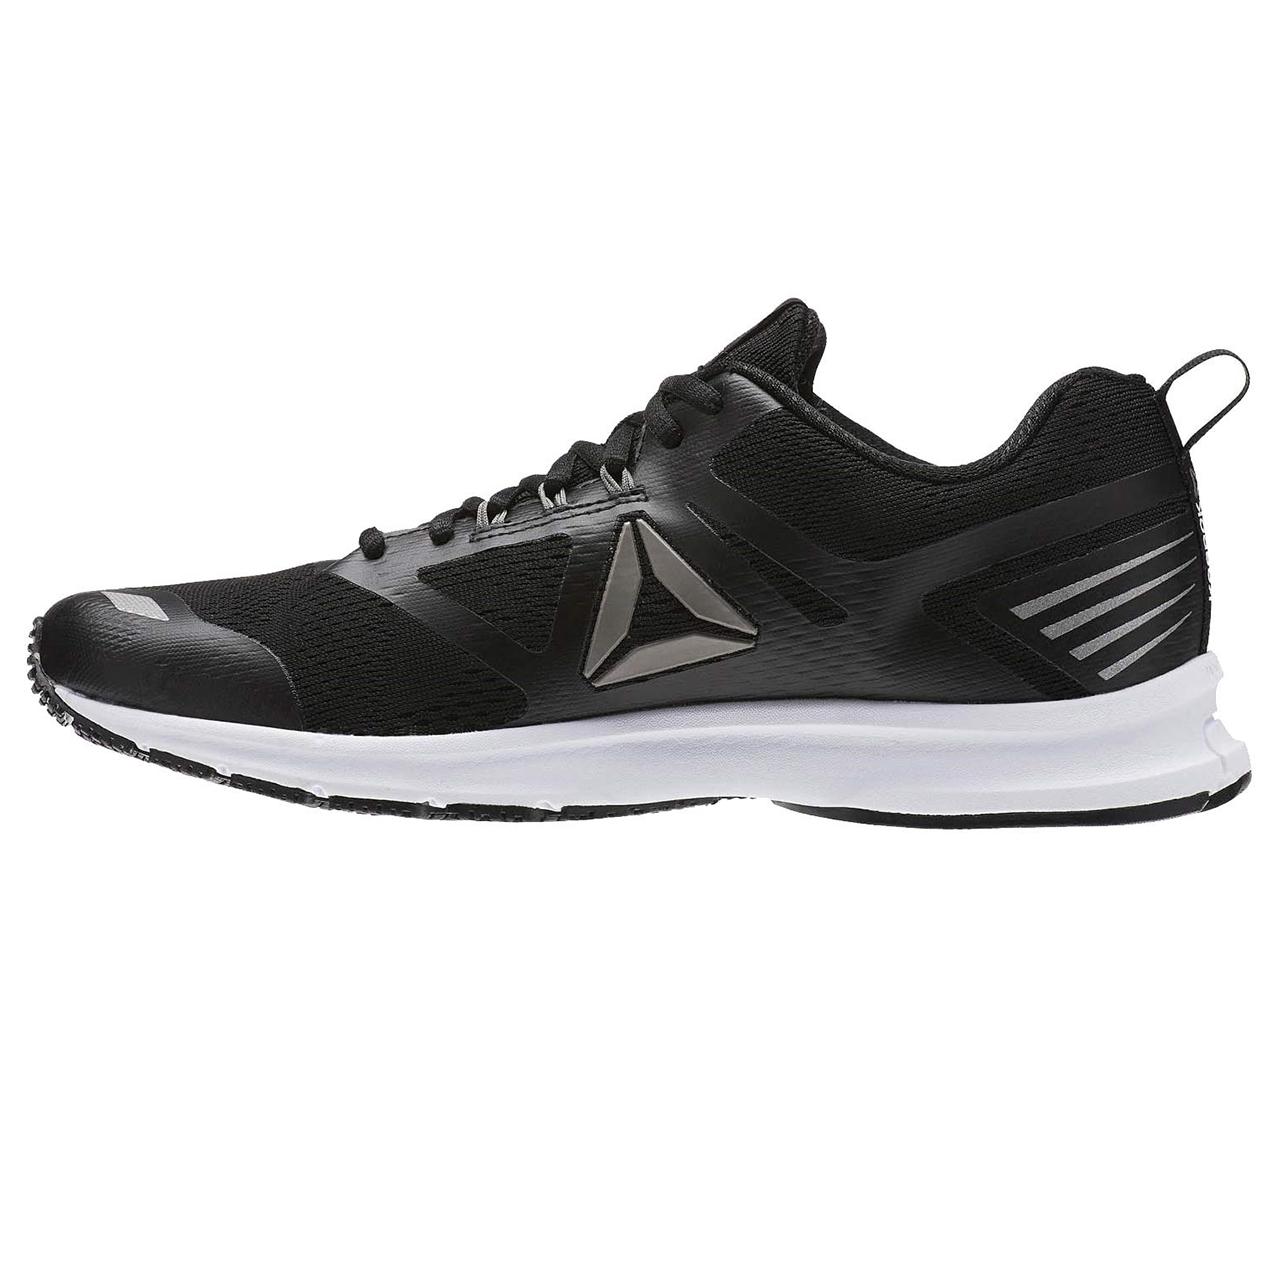 قیمت کفش مخصوص دویدن مردانه ریباک مدل Ahary Runner